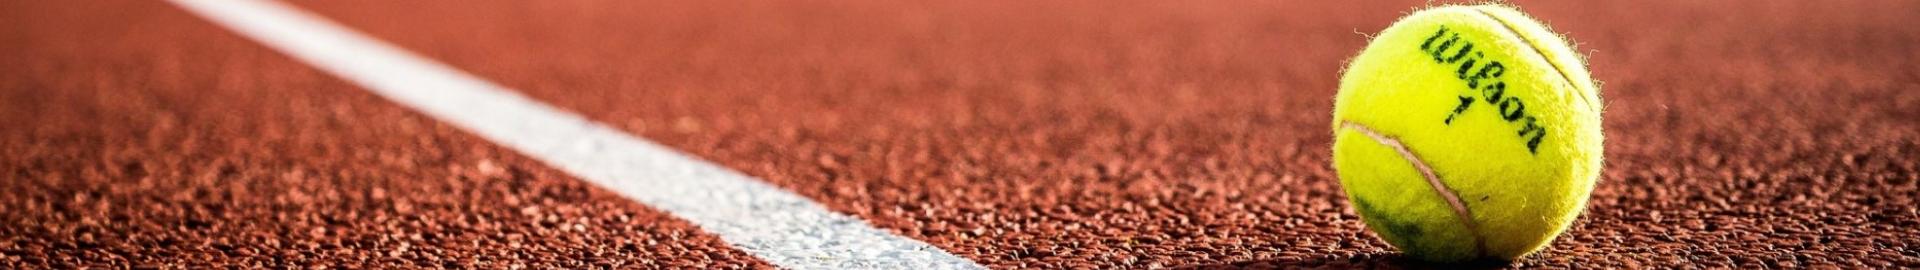 Tutto per il Tennis e Padel in Store e Online | Sport Center Siena